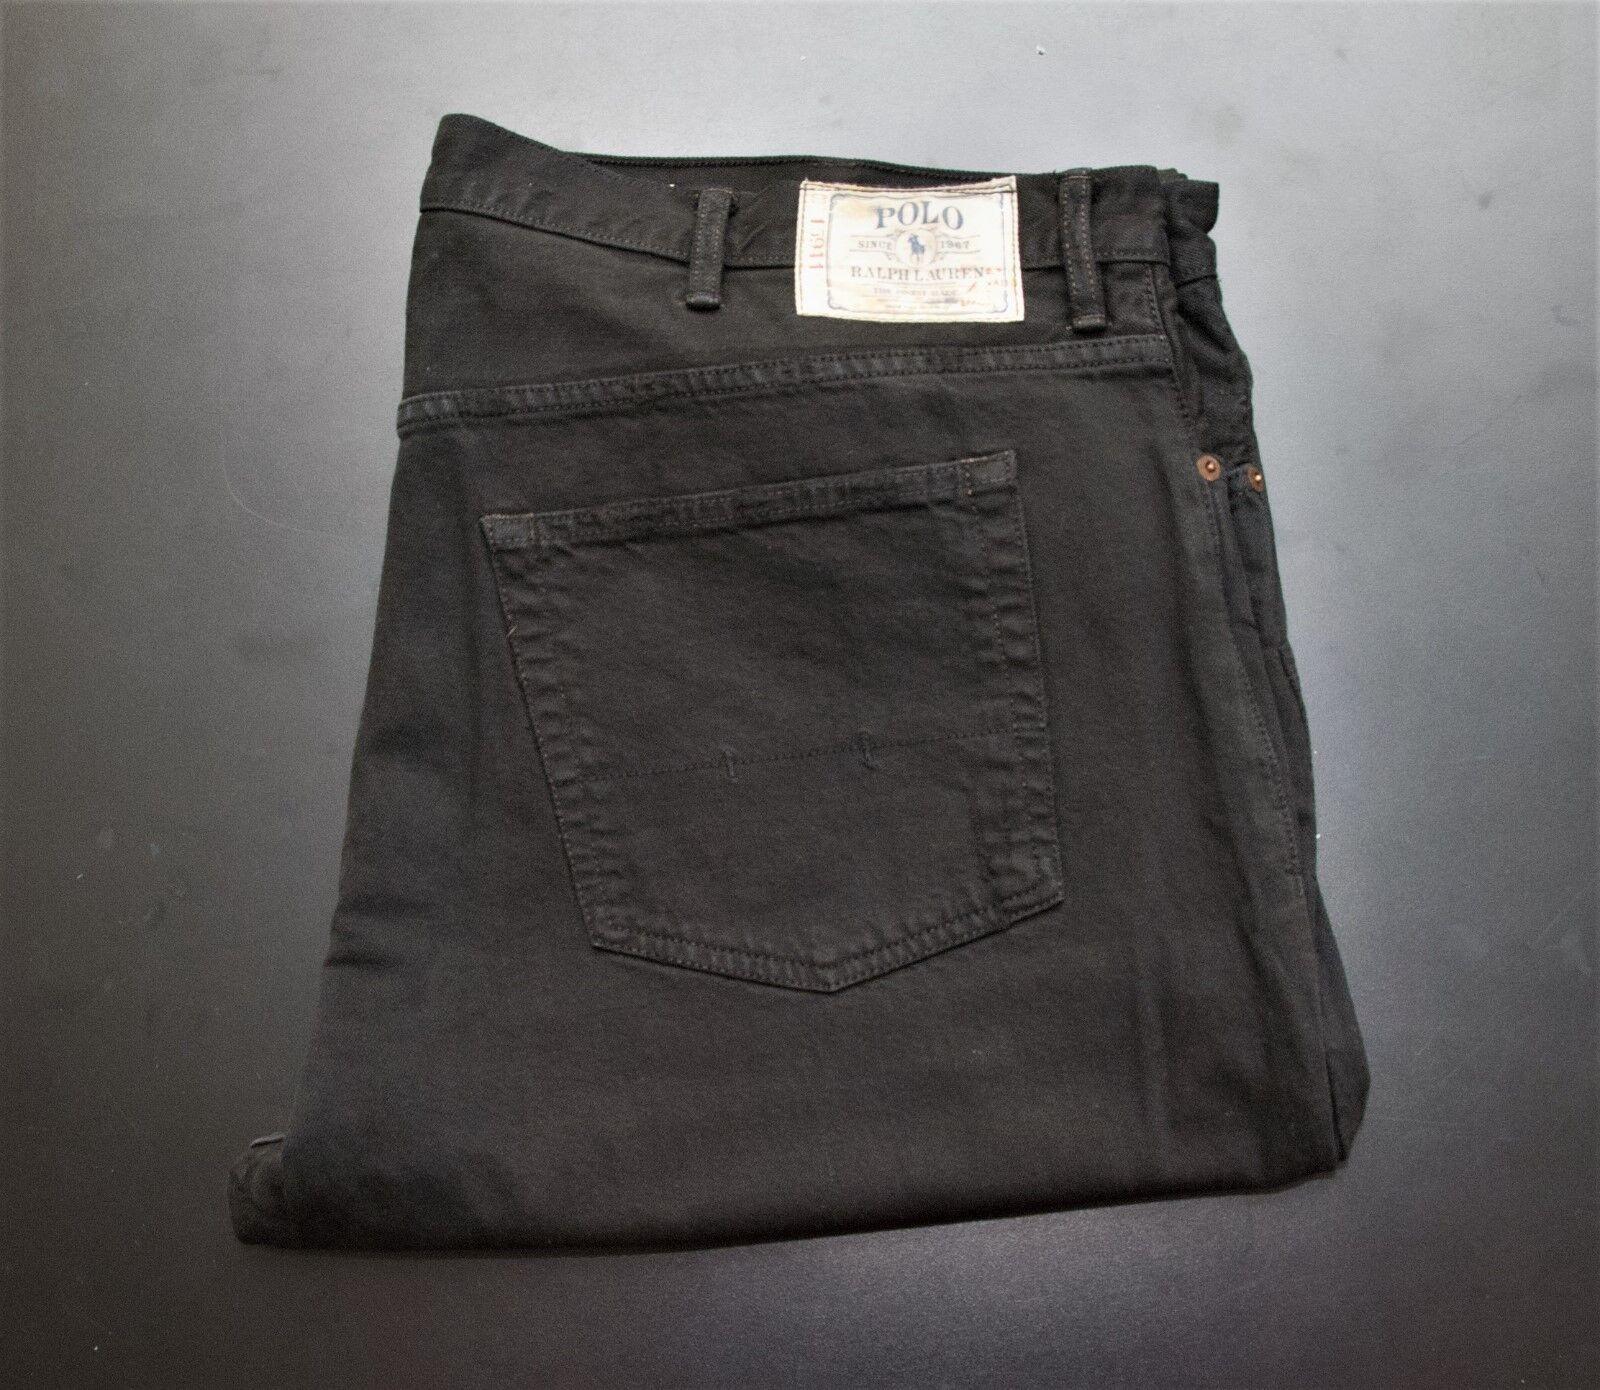 Ralph Lauren Übergröße Jeans Hose Glassic867 Since 1967 schwarz Gr. 48B-32 neuw     | Erlesene Materialien  | Auktion  | Innovation